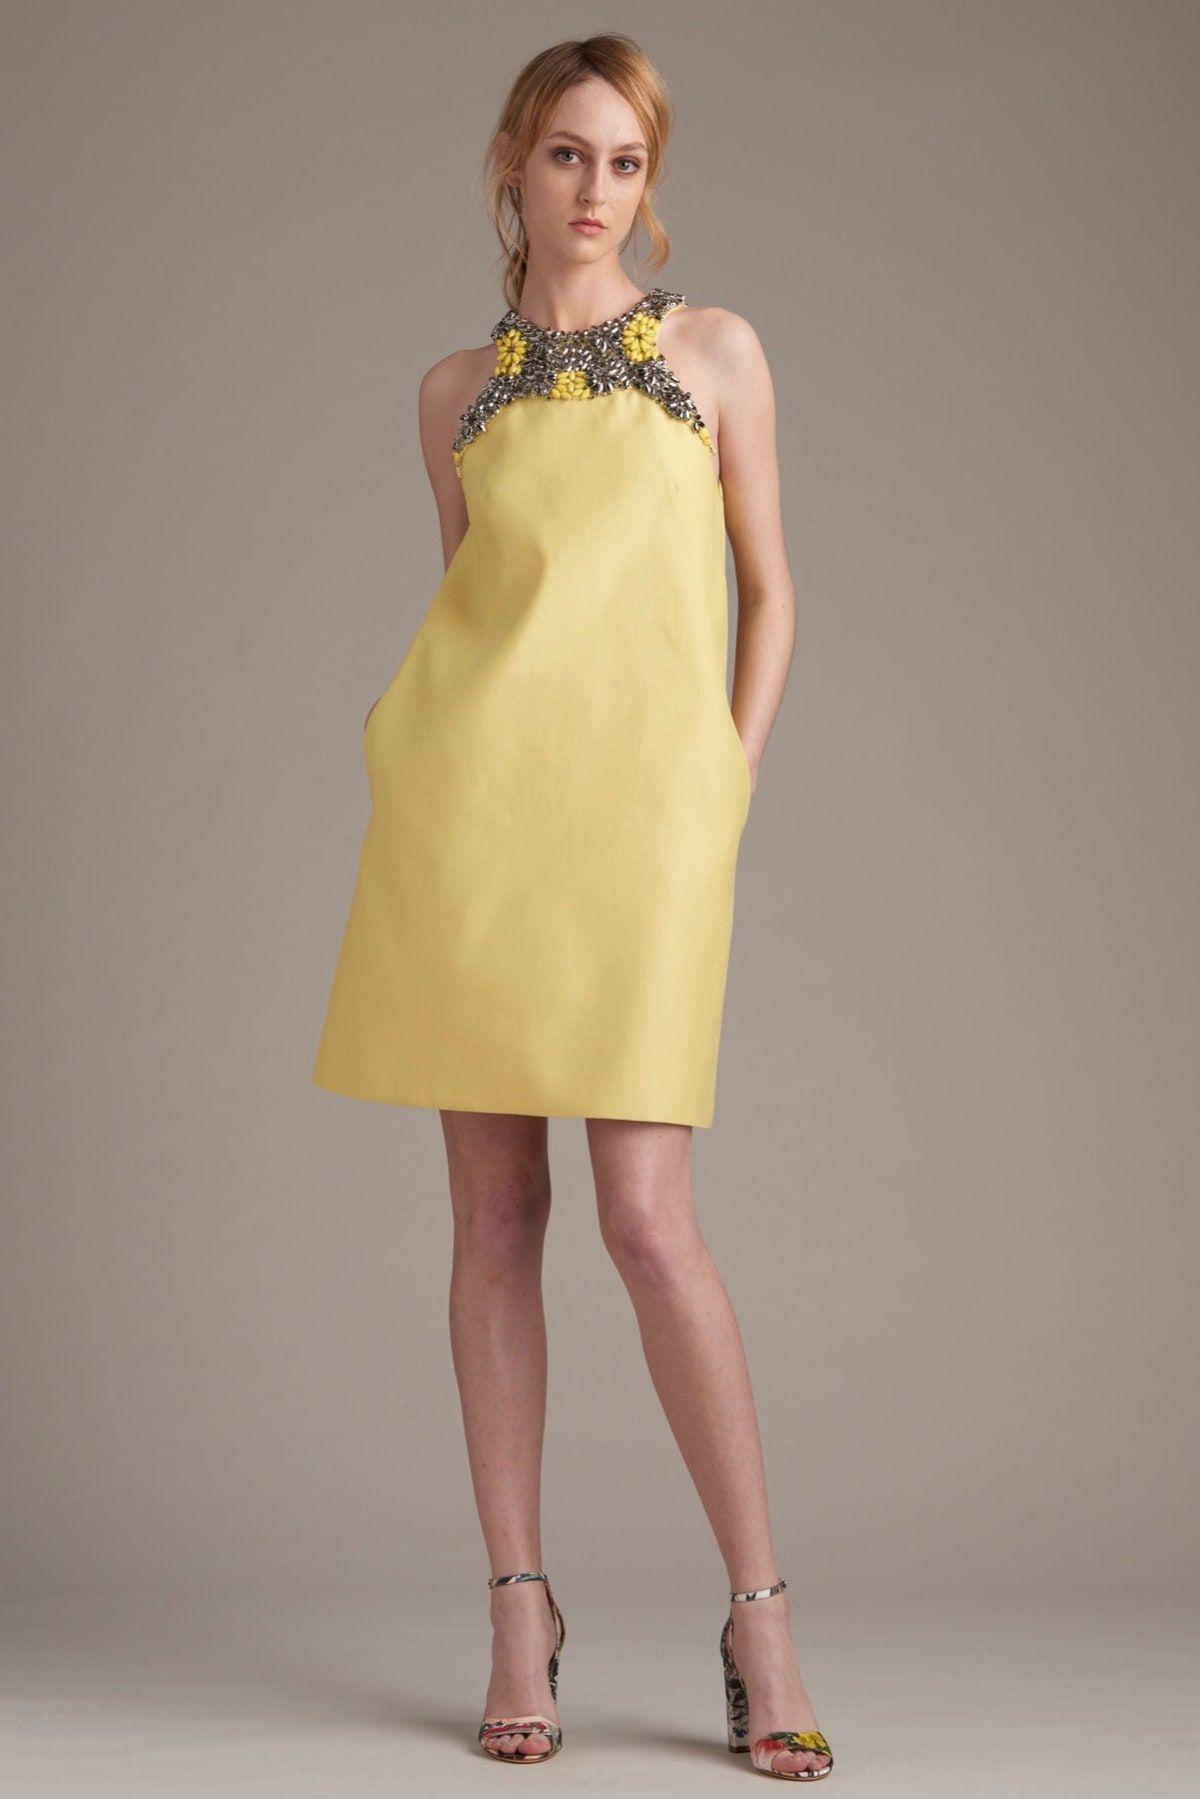 Monique Lhuillier Resort 2016 Fashion Show -   15 dress Coctel monique lhuillier ideas